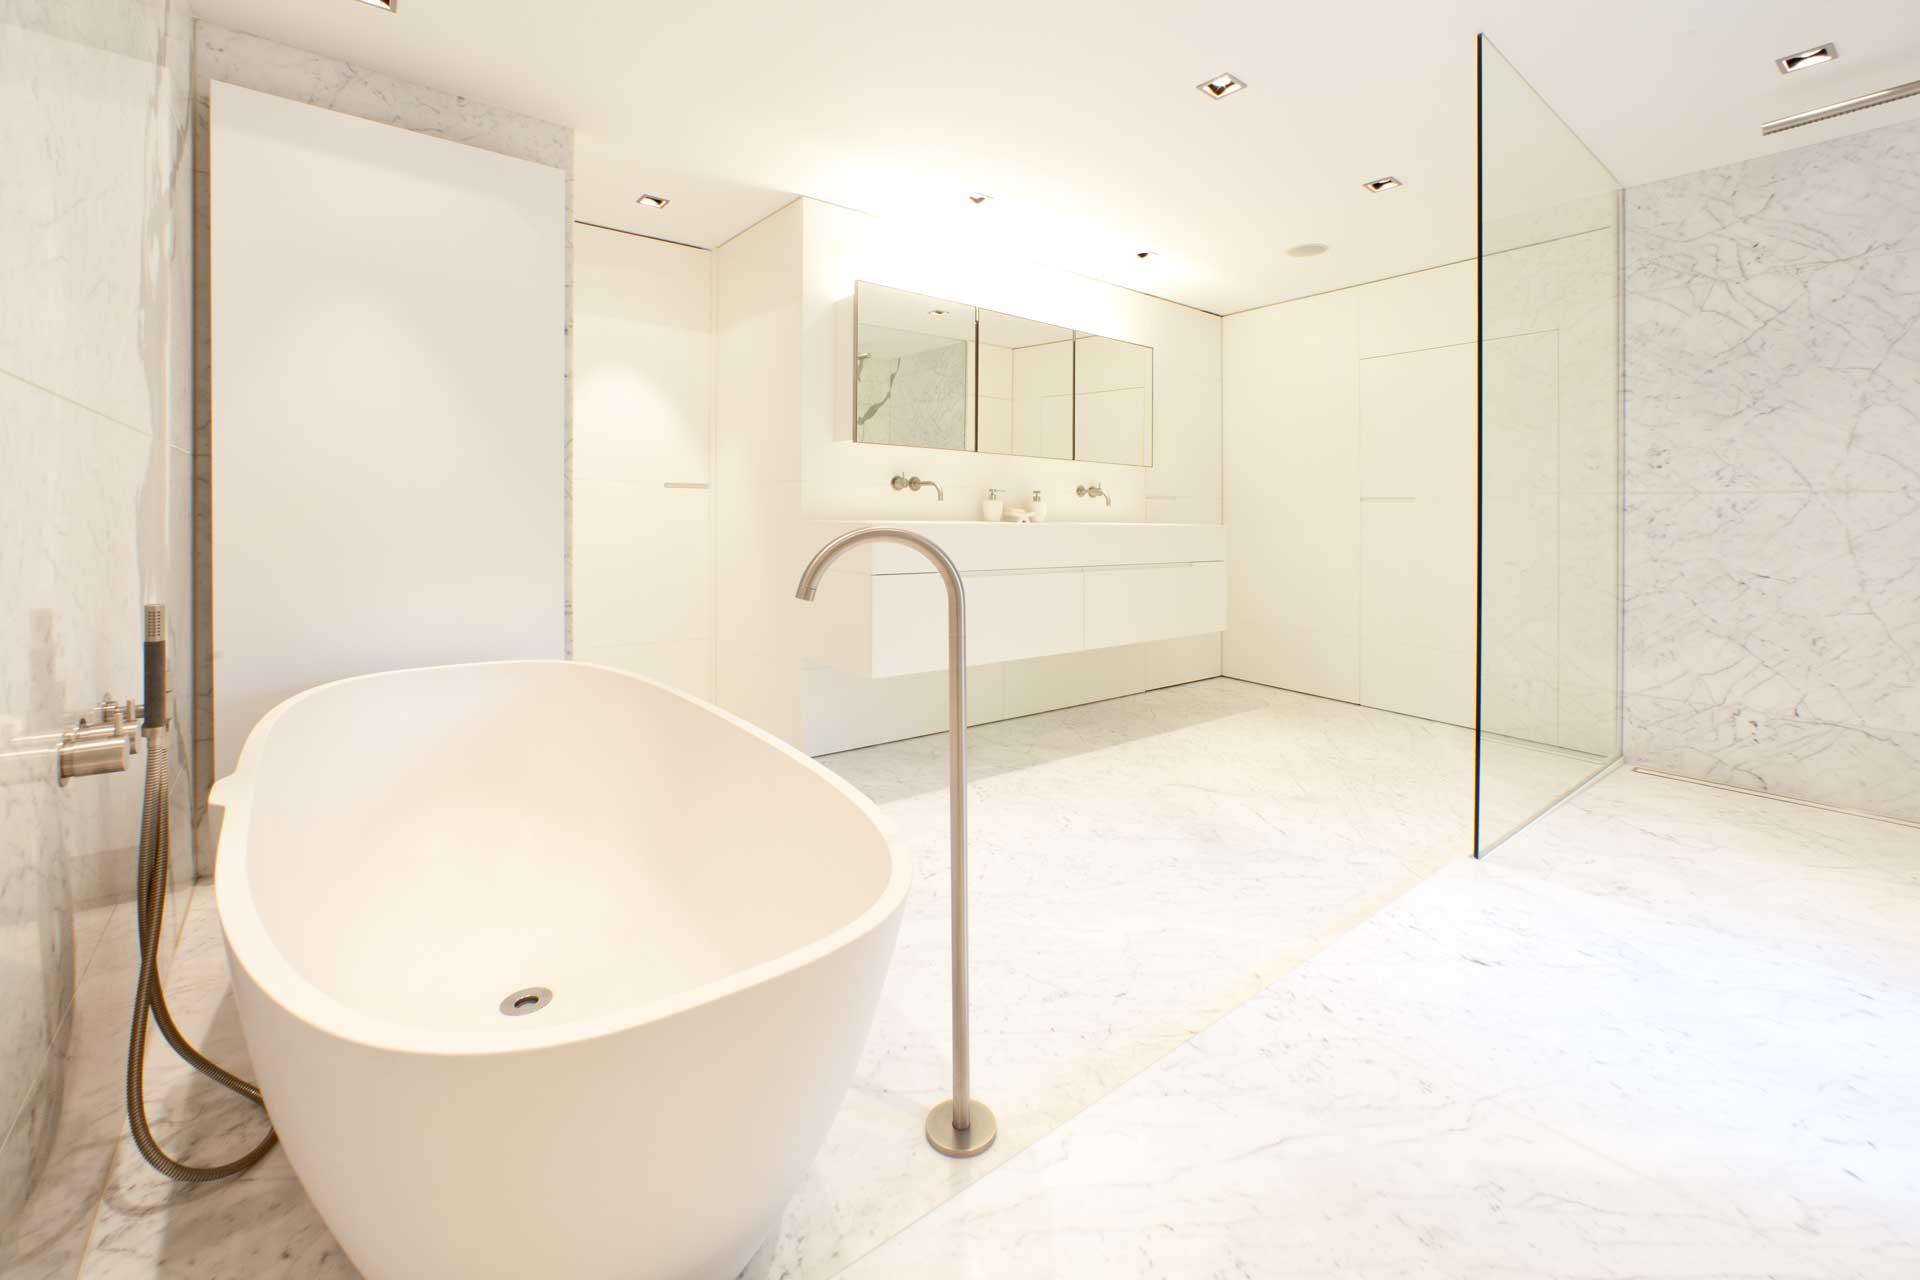 Radermacher_bad_carrara_marmorbad_natursteinboden_minimalistisches_design_zeitlose_gestaltung